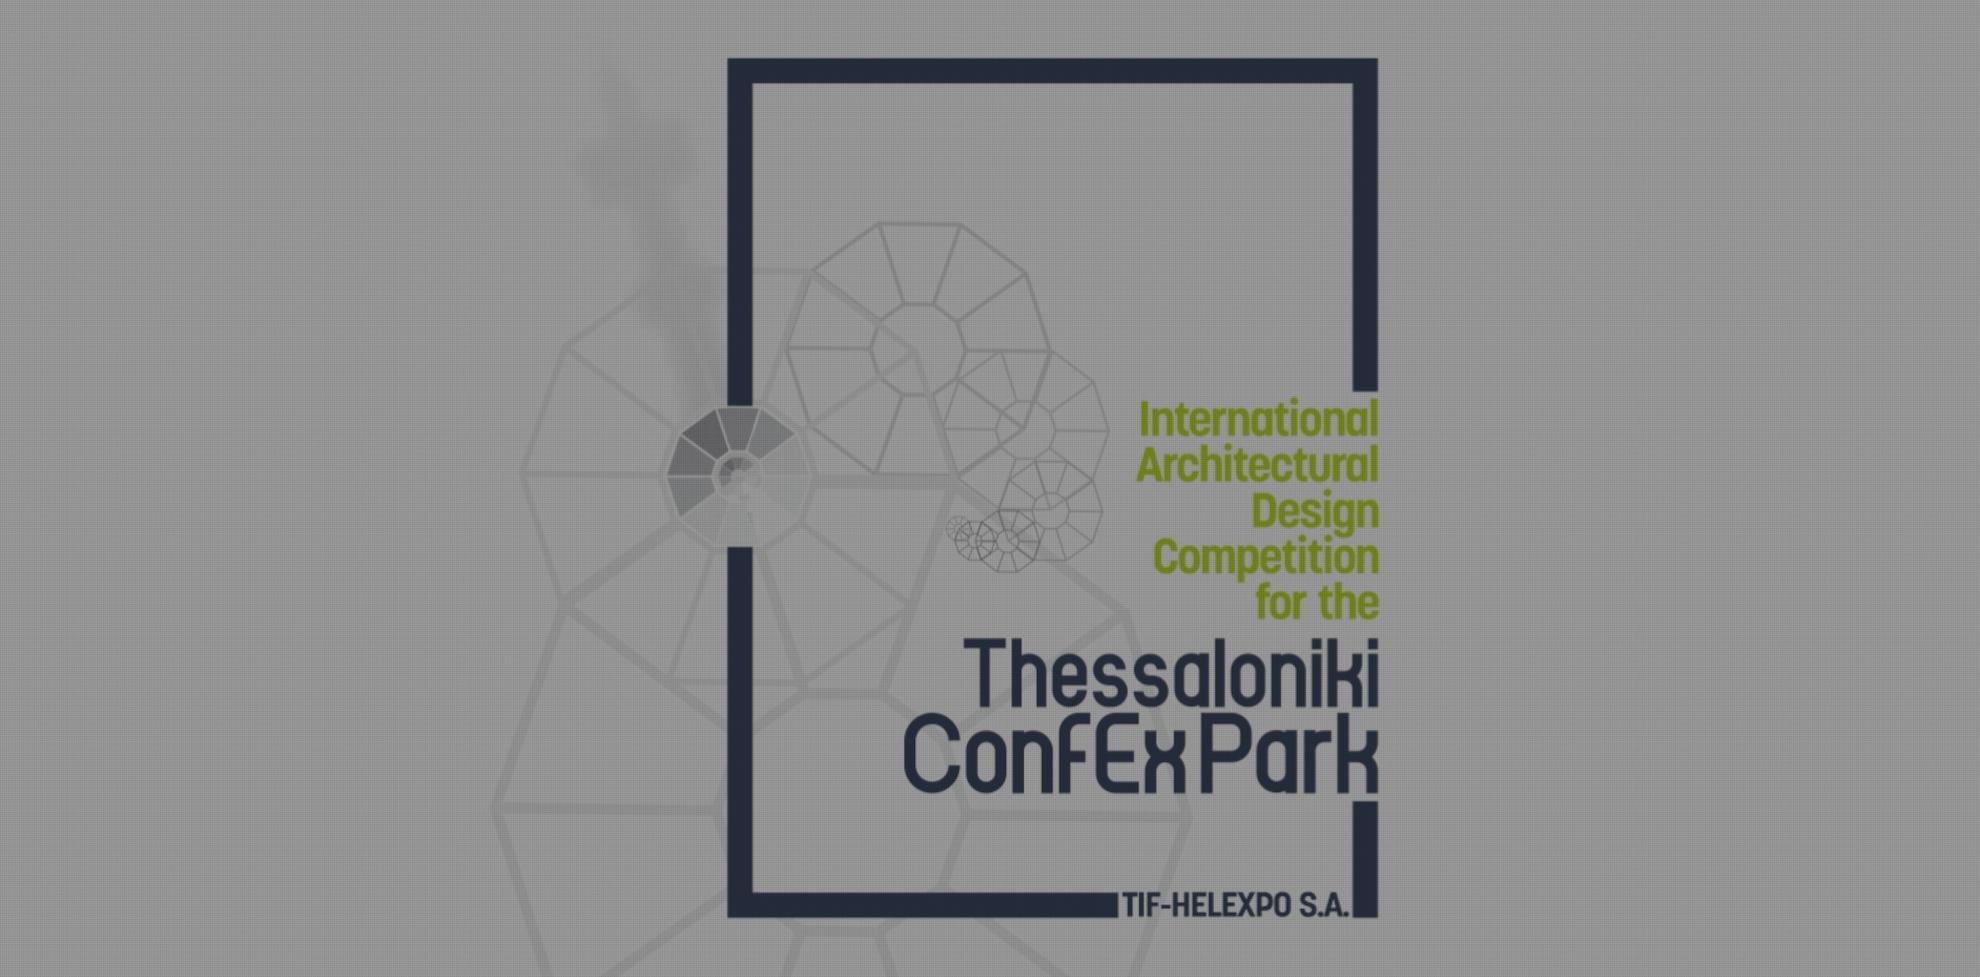 Concepção do Thessaloniki ConfEx Park